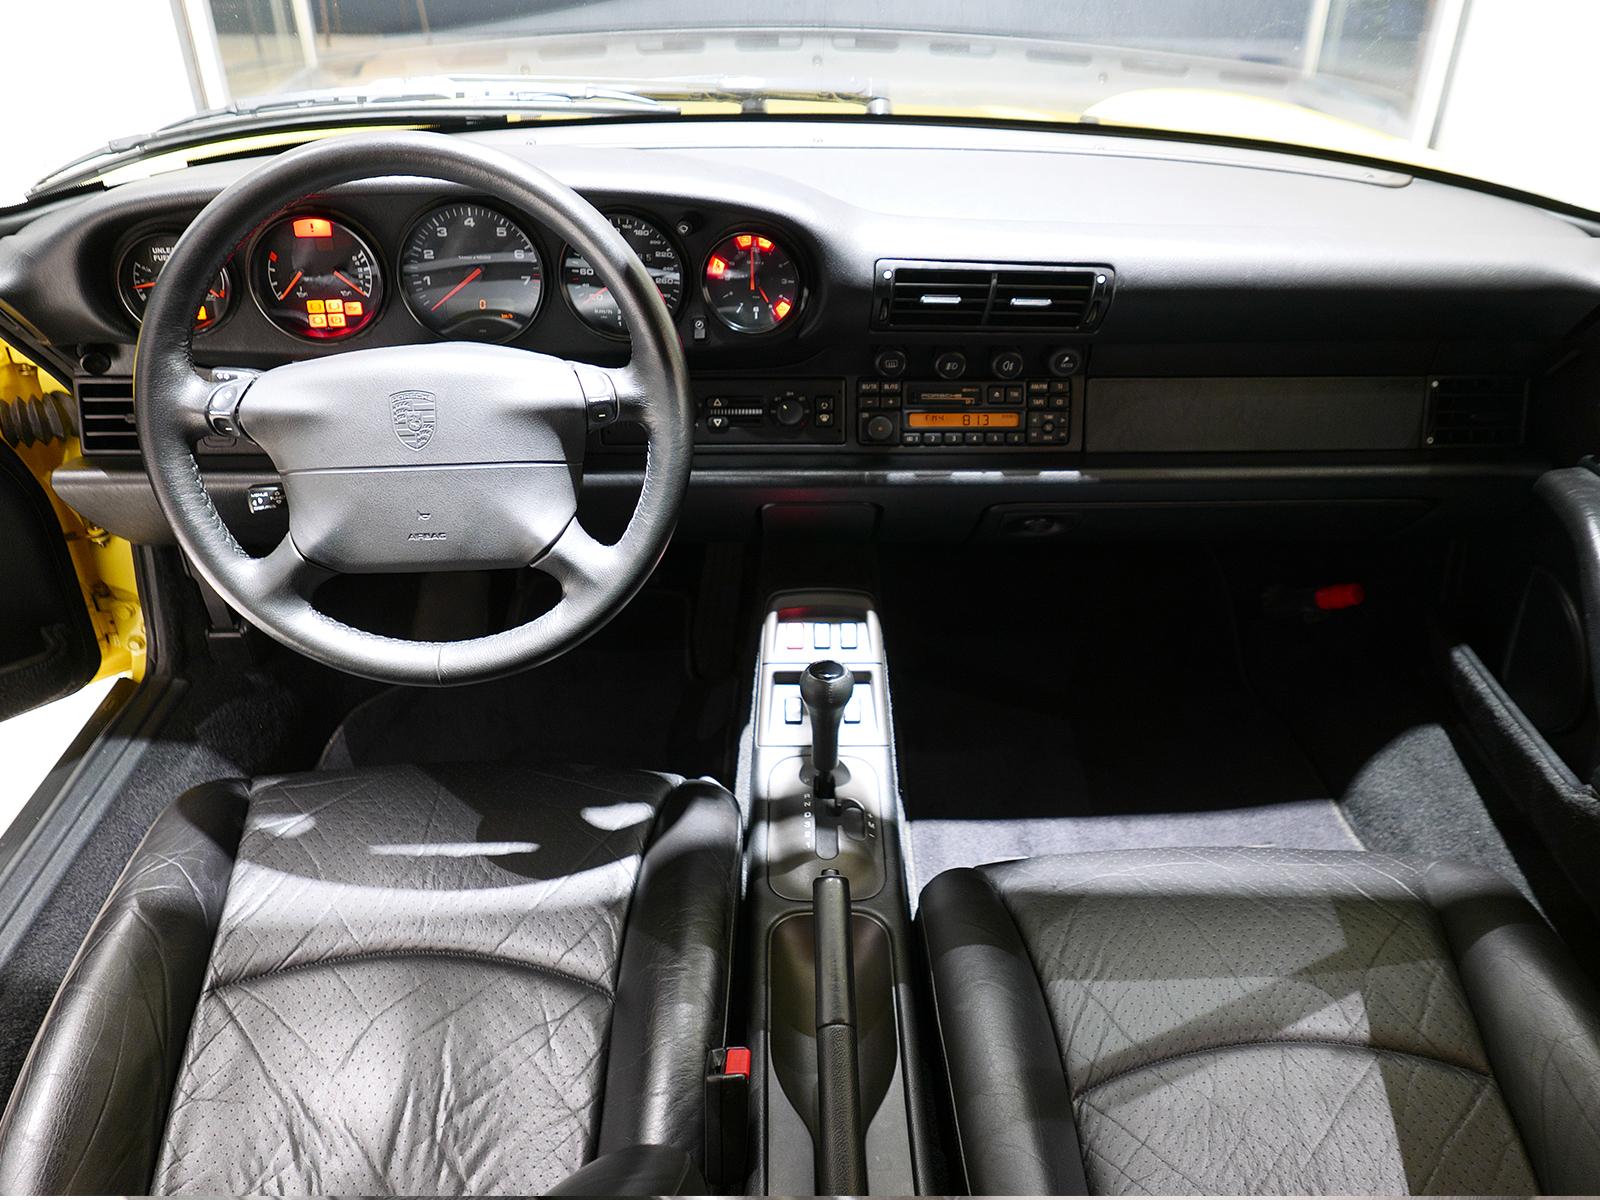 ポルシェ 911 タイプ993 カレラ タイプ Ⅰ 内装